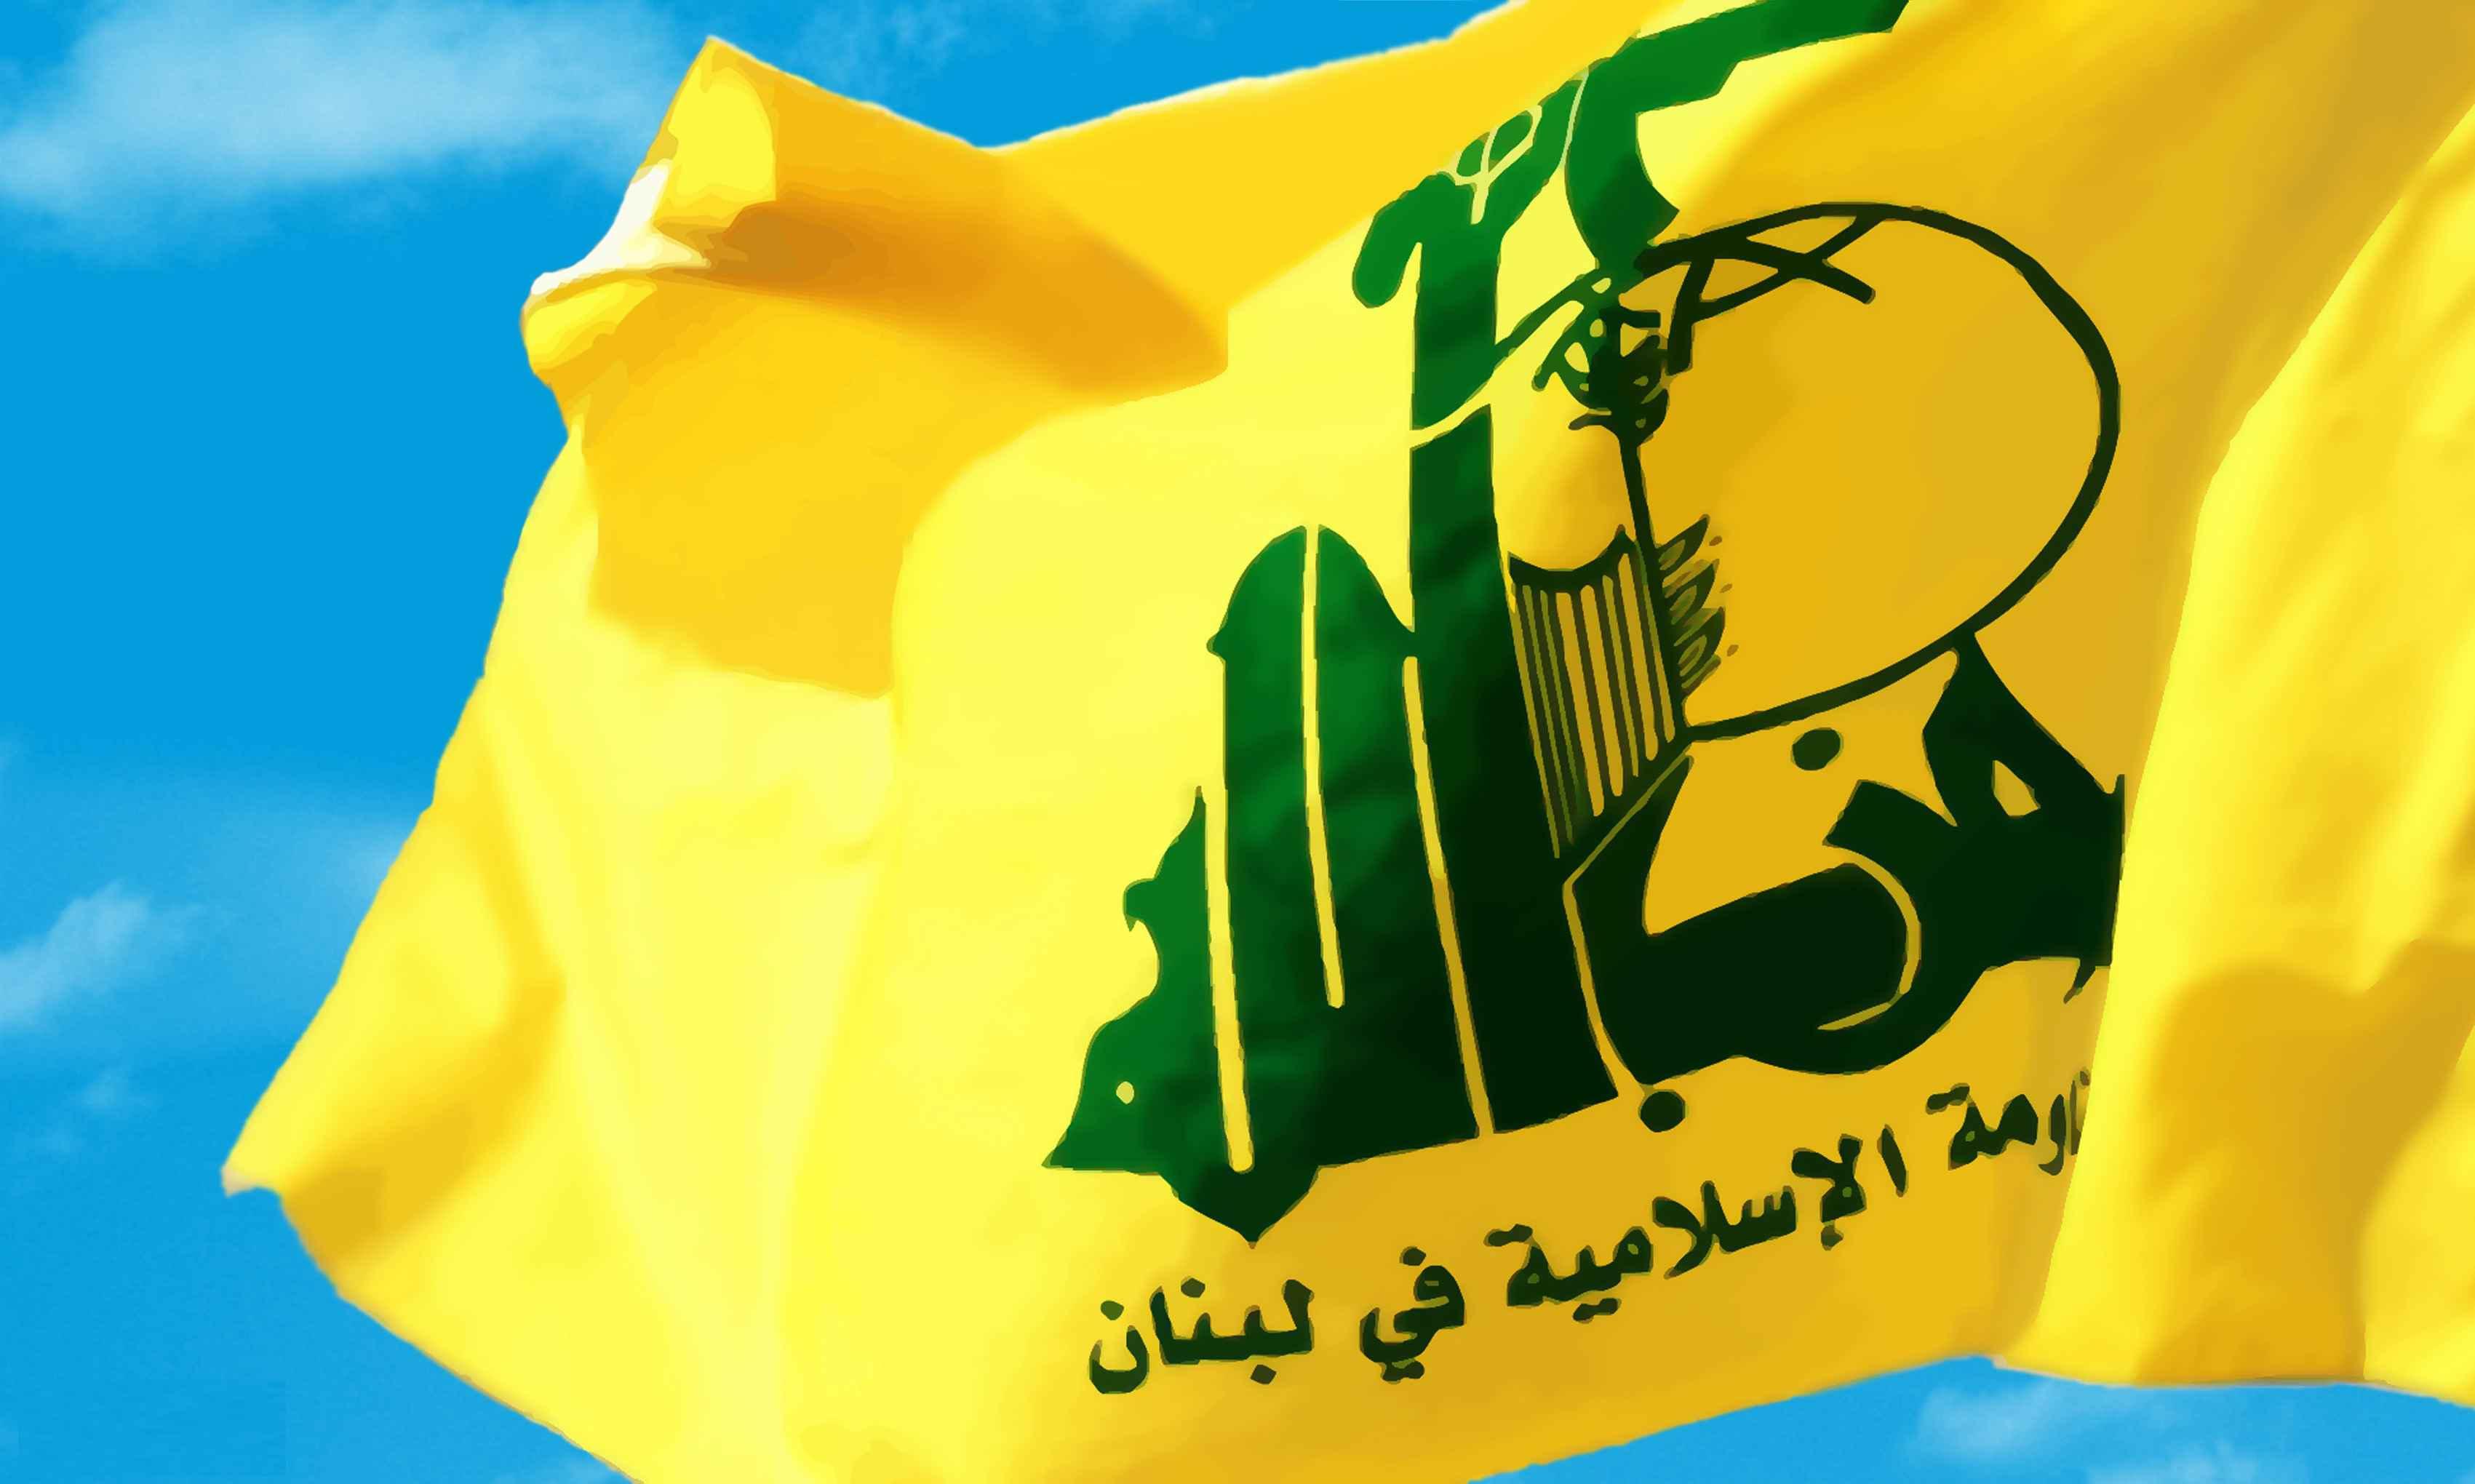 حزب الله يستنكر كلام وزير الخارجيّة الخليفيّة بحقّ السيد مقتدى الصدر